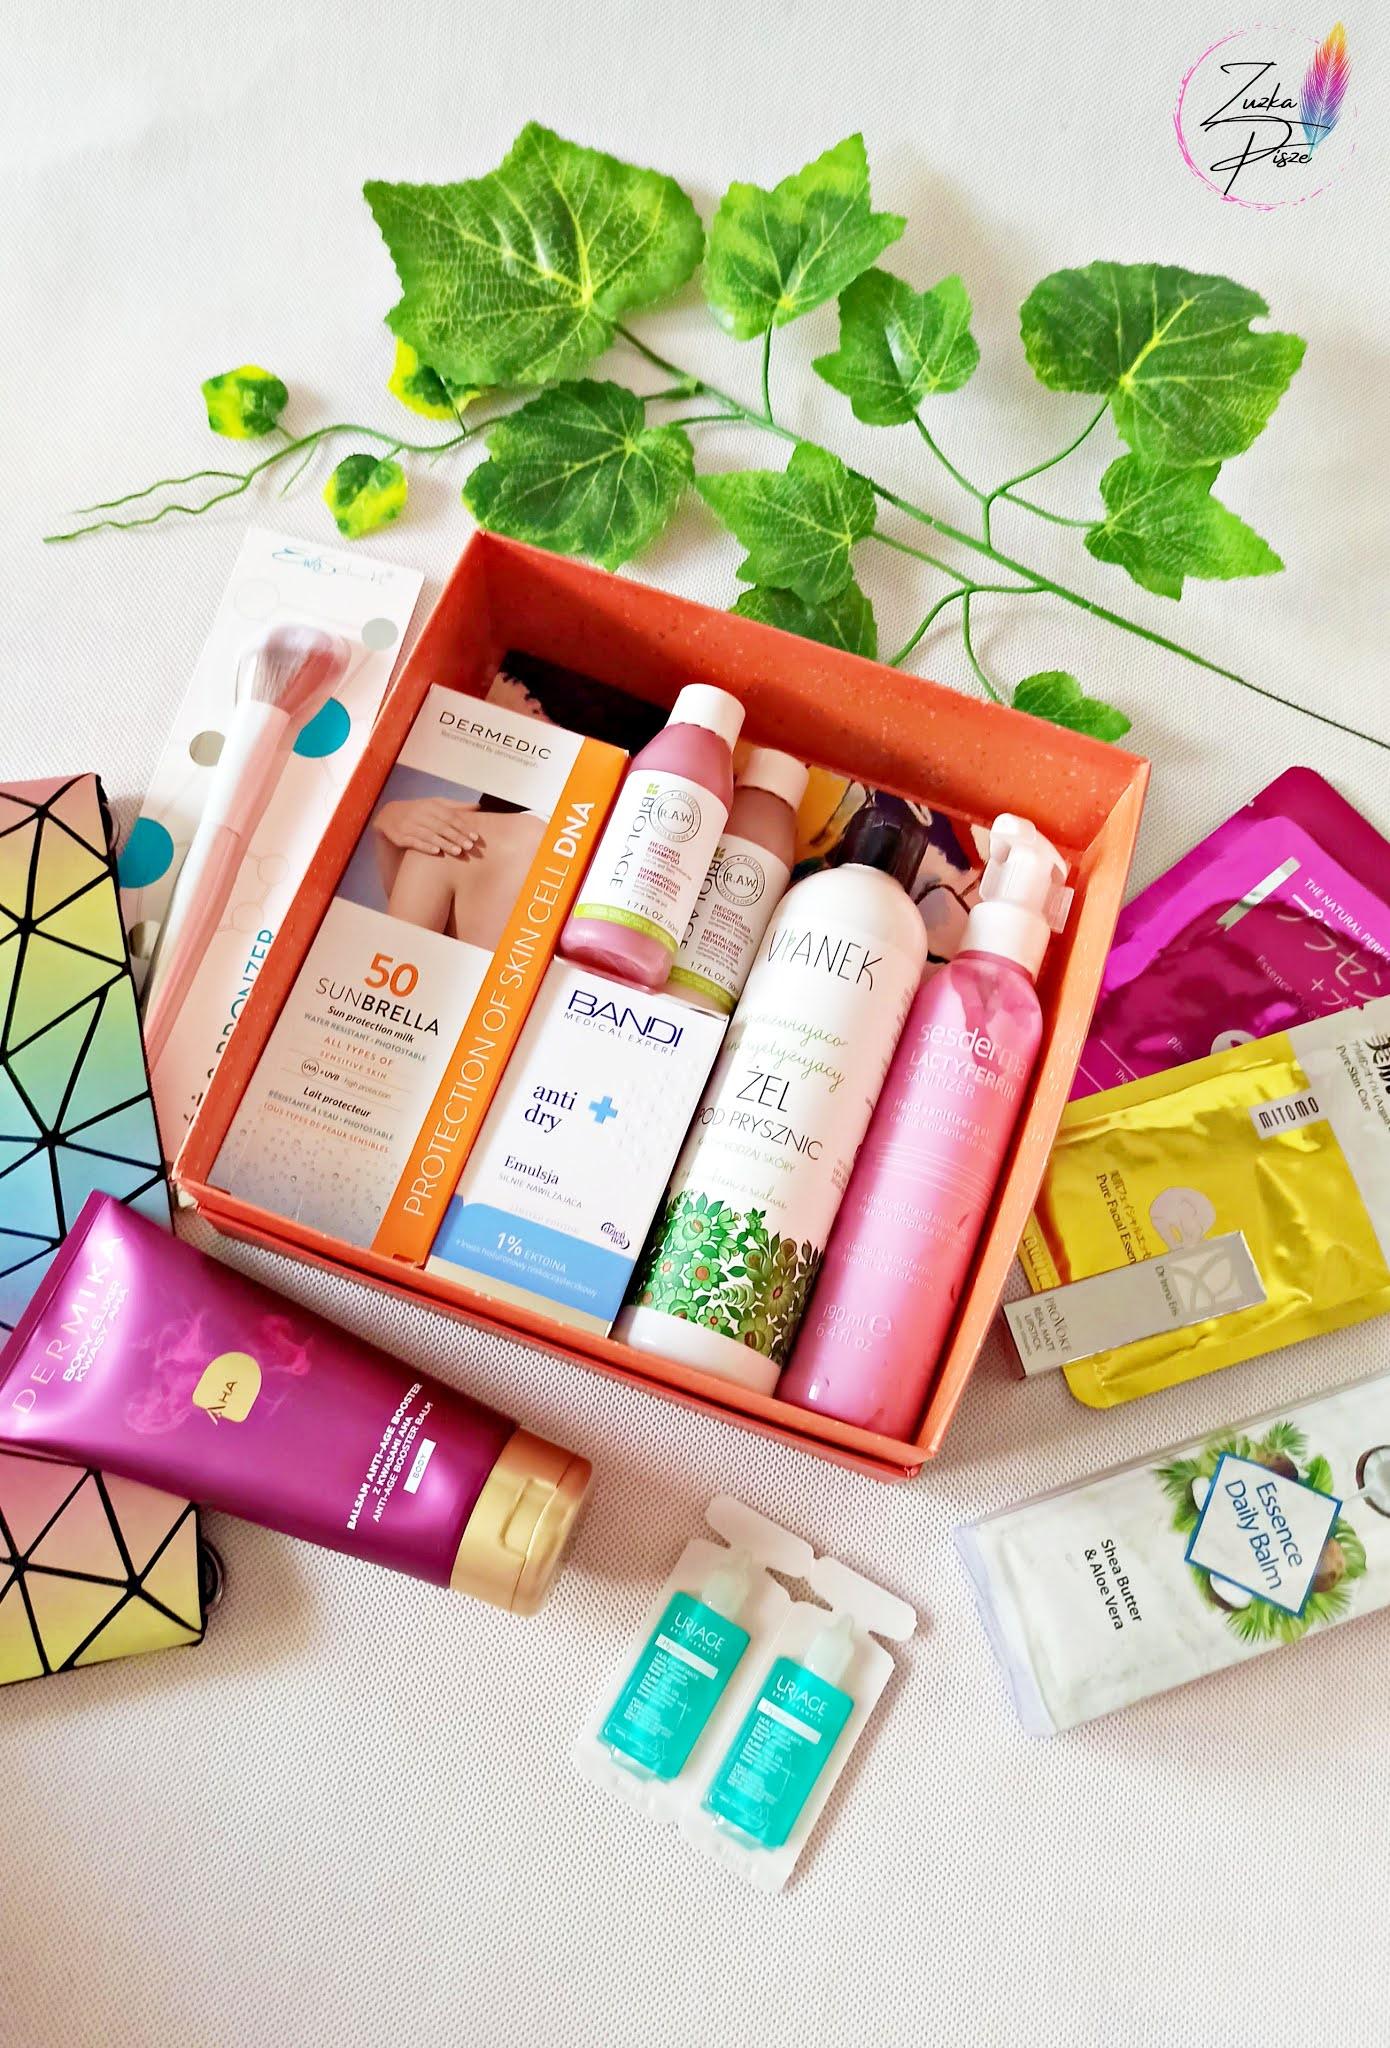 Pure Beauty BOX - SIMPLY ENERGY - otwieramy pudełko kosmetyczne